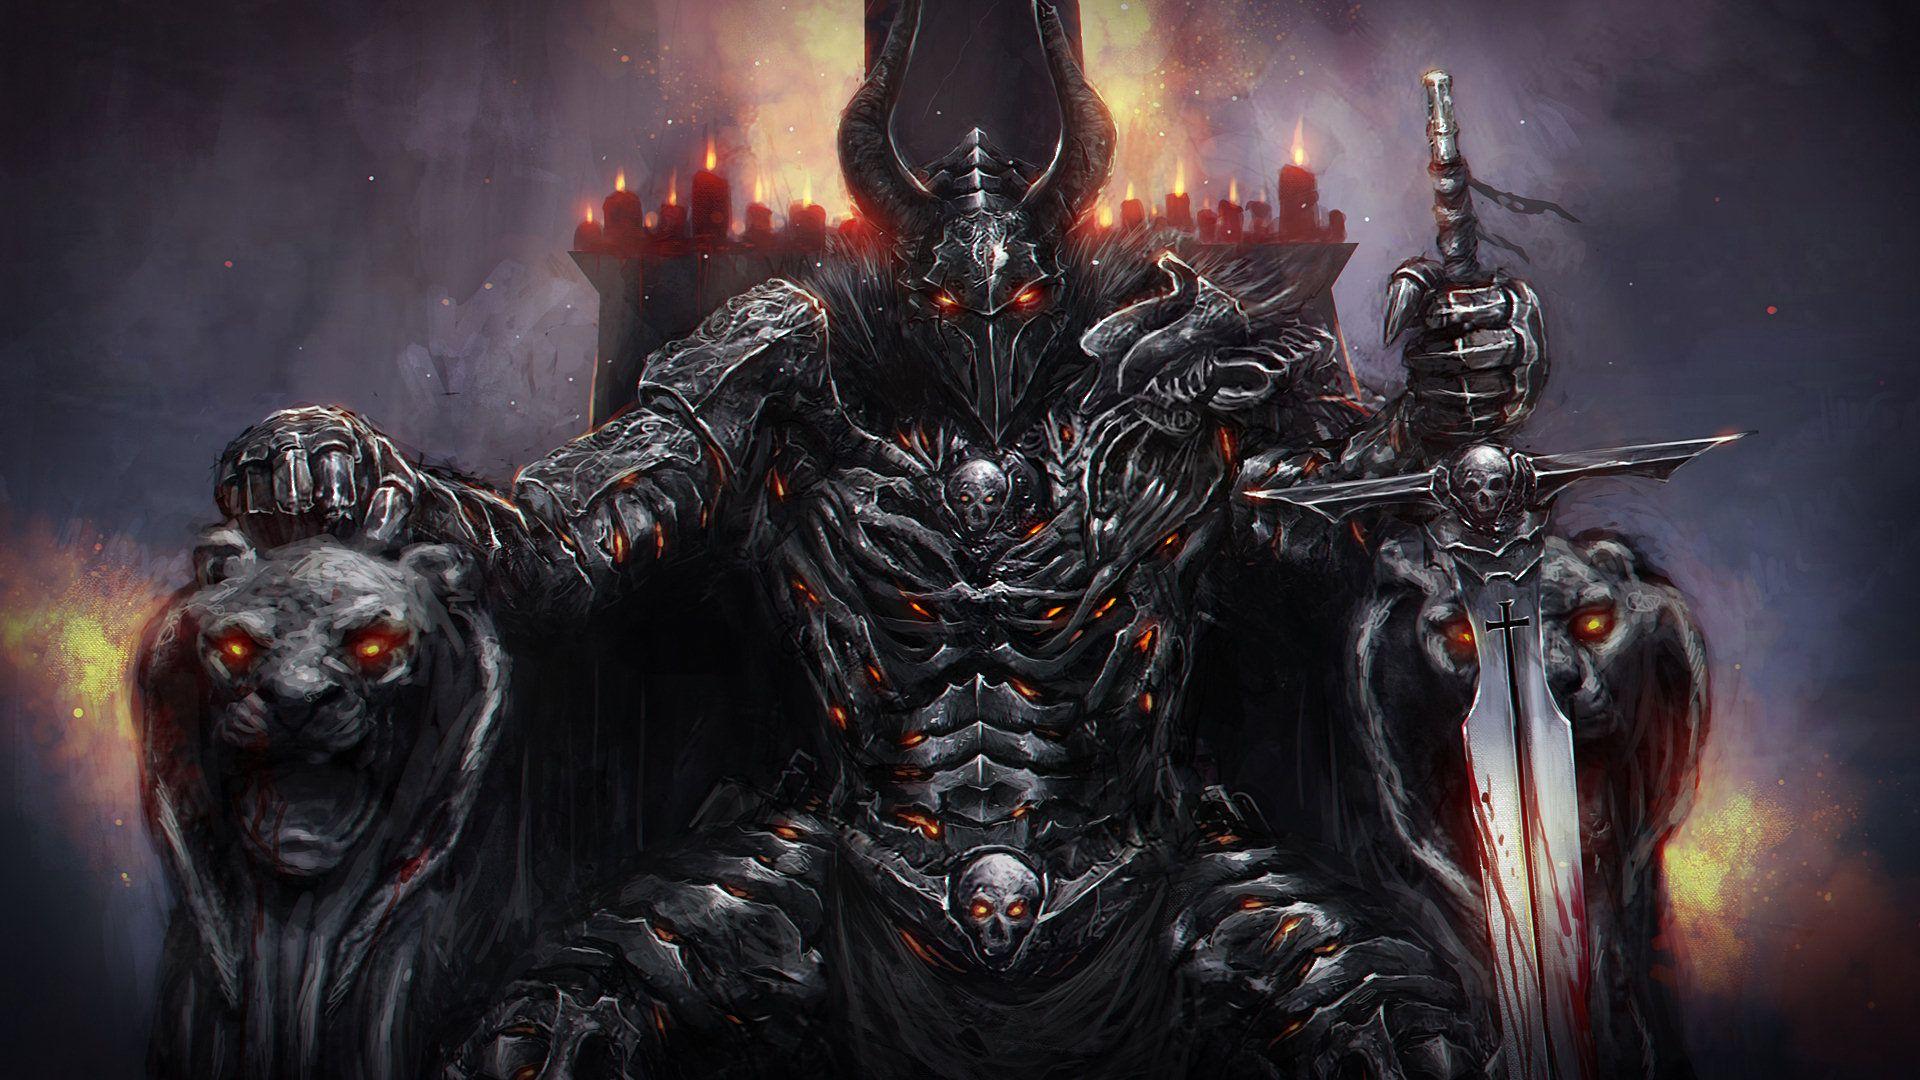 Evil Knight Art Dark Science Fiction Fantasy Warrior